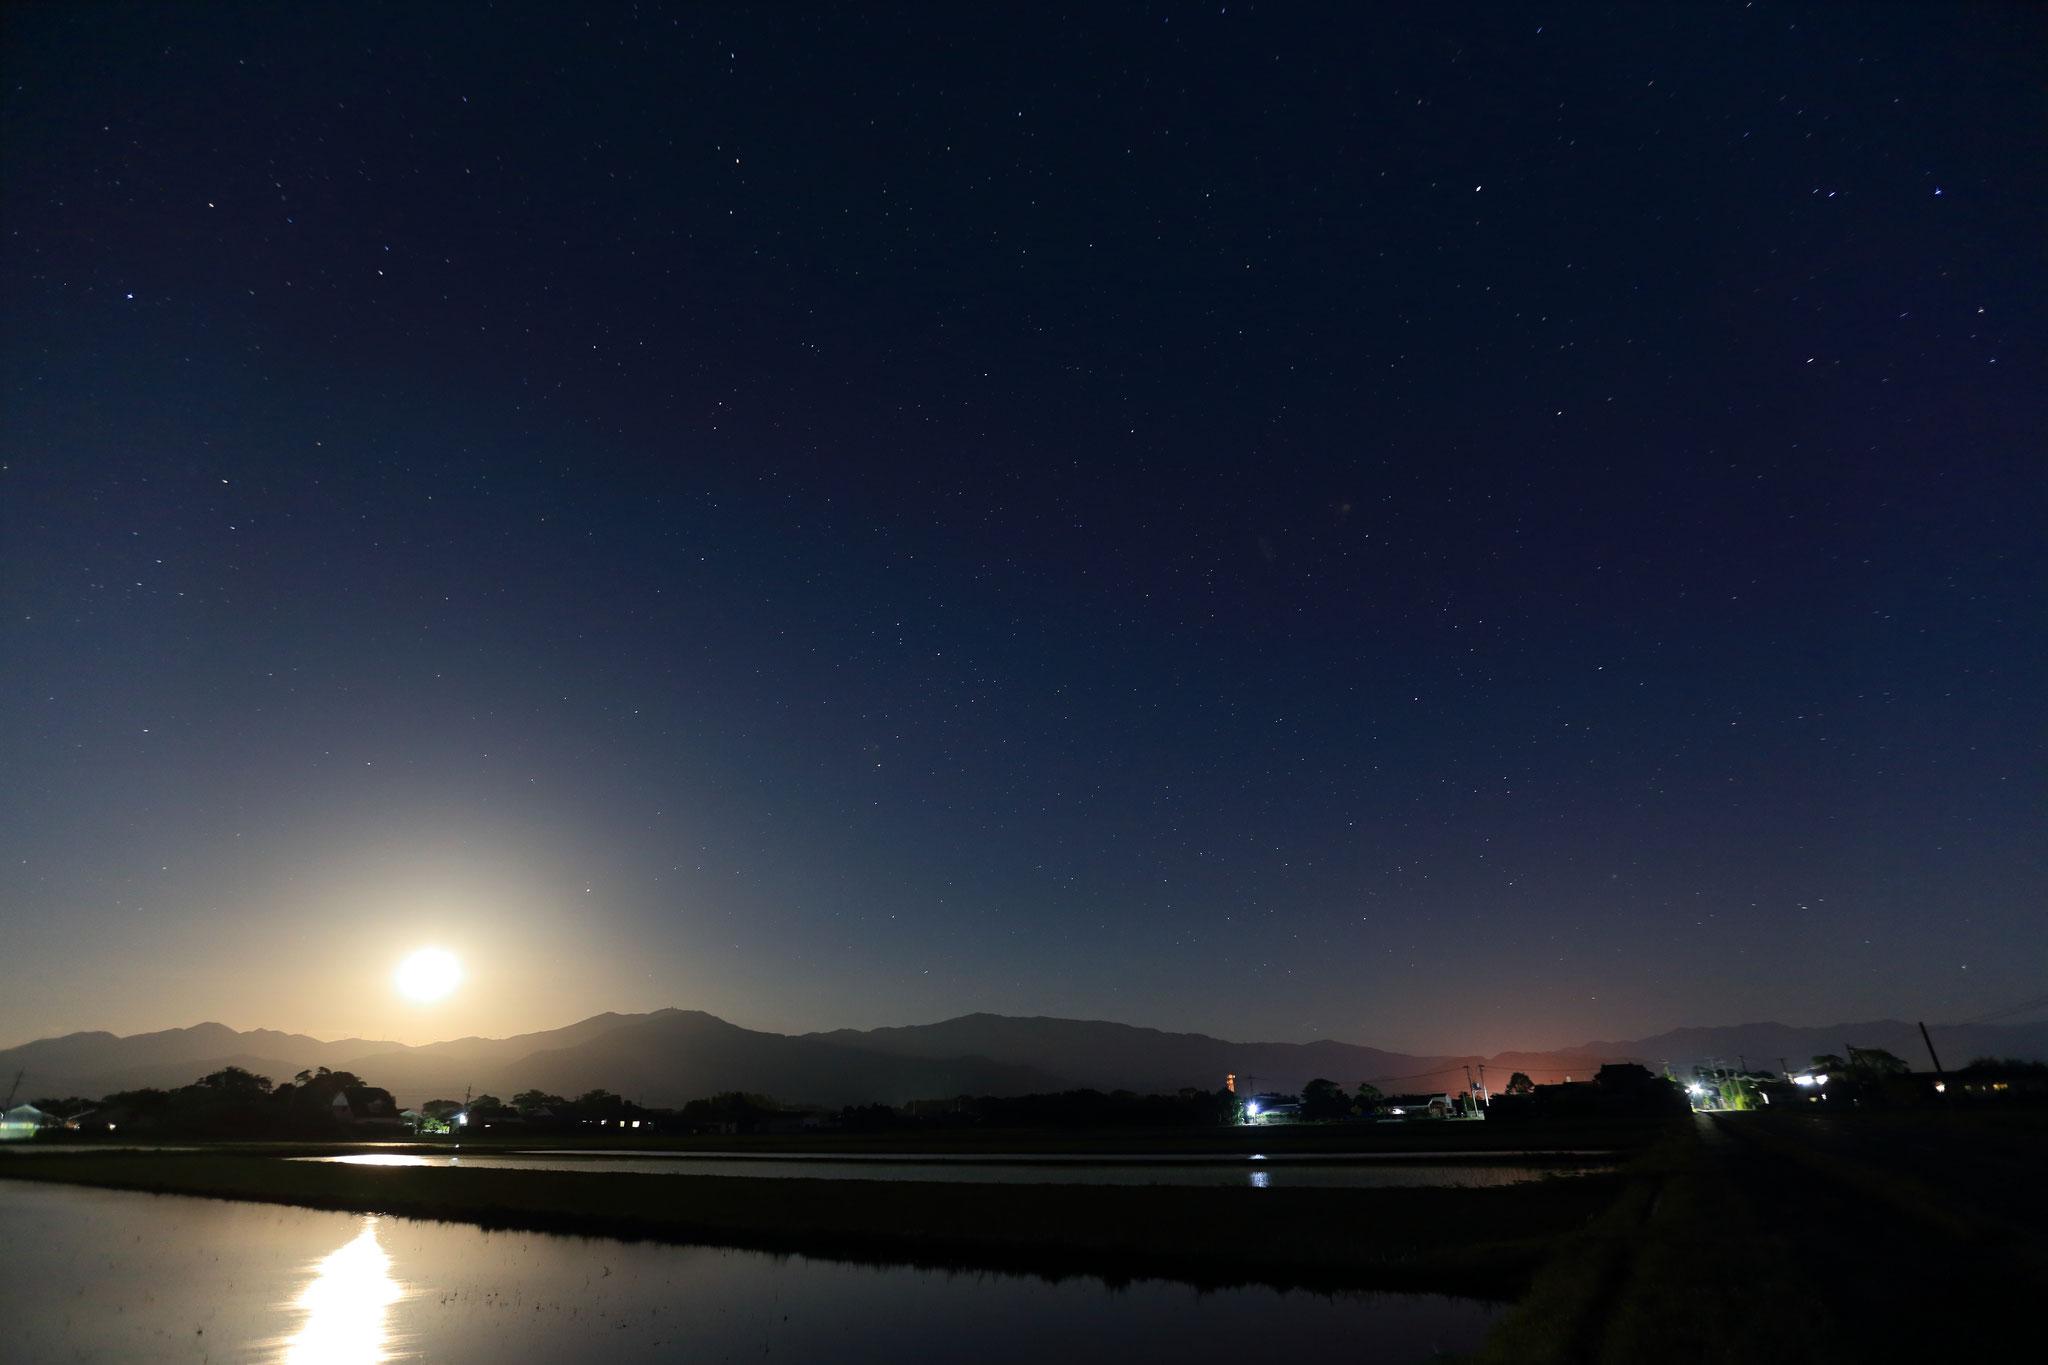 5月14日22時半頃国見山から昇る月と星空(会社前の道路)